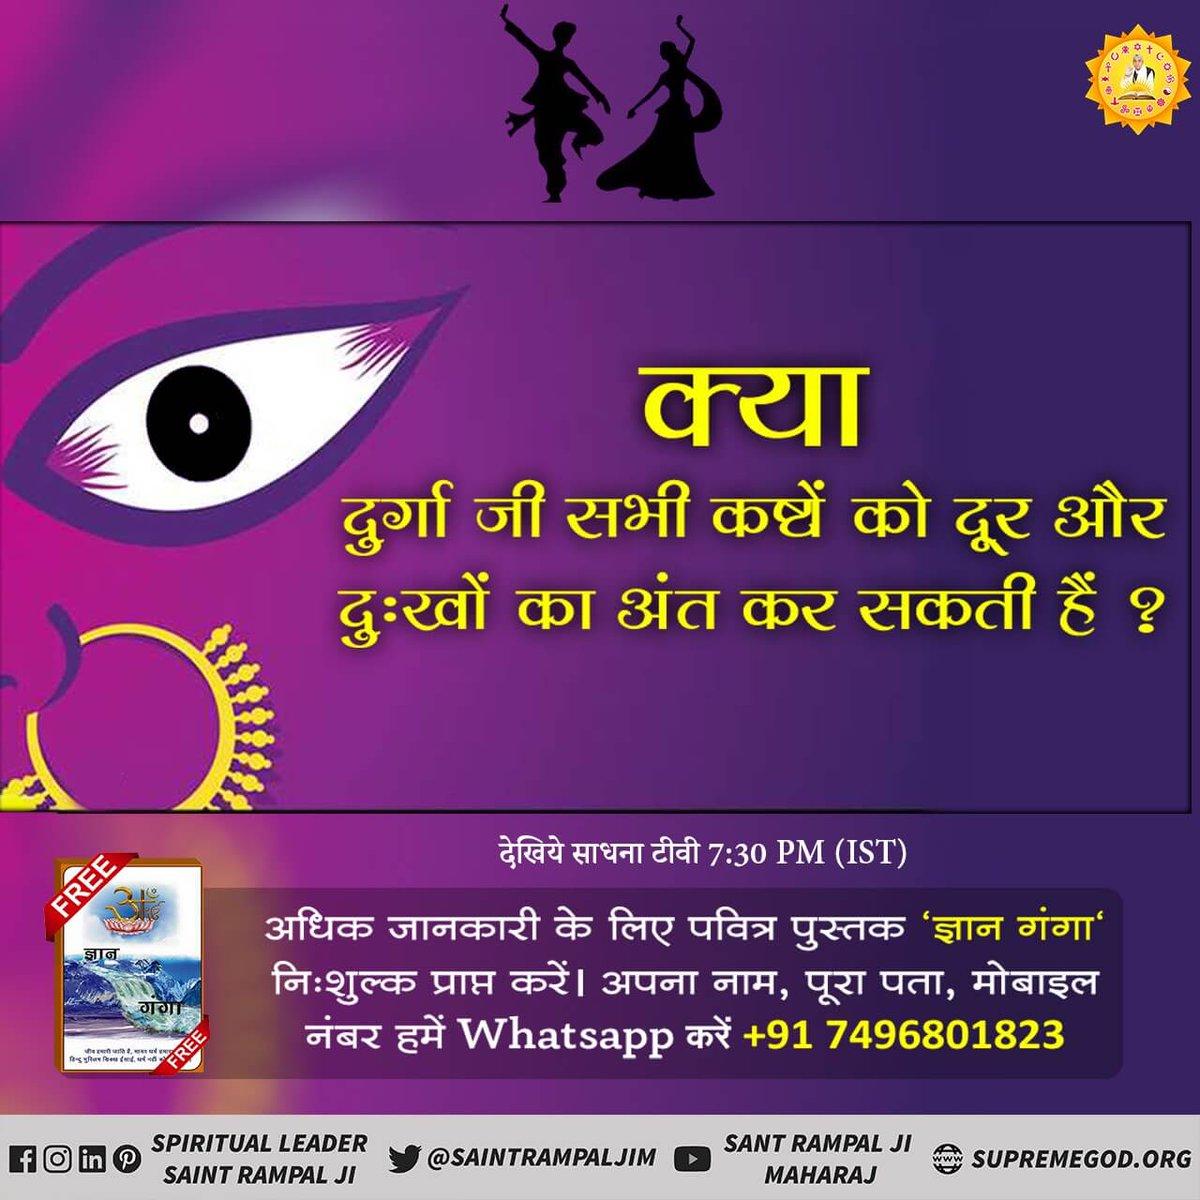 @AntWorksGlobal @VRChennai #Navratri2019 आप लोग दुर्गा जी की पूजा करते हैं तो क्या आपको यह पता है दुर्गा जी सभी कष्टों को दूर और दुखों का अंत कर सकती हैं ❓ या केवल यह हमारे कर्मों का फल ही दे सकती हैं ।  @Chandrakant_cb  #cbdass🙏 #Navratri  #जय_माता_दी  #HappyNavratri